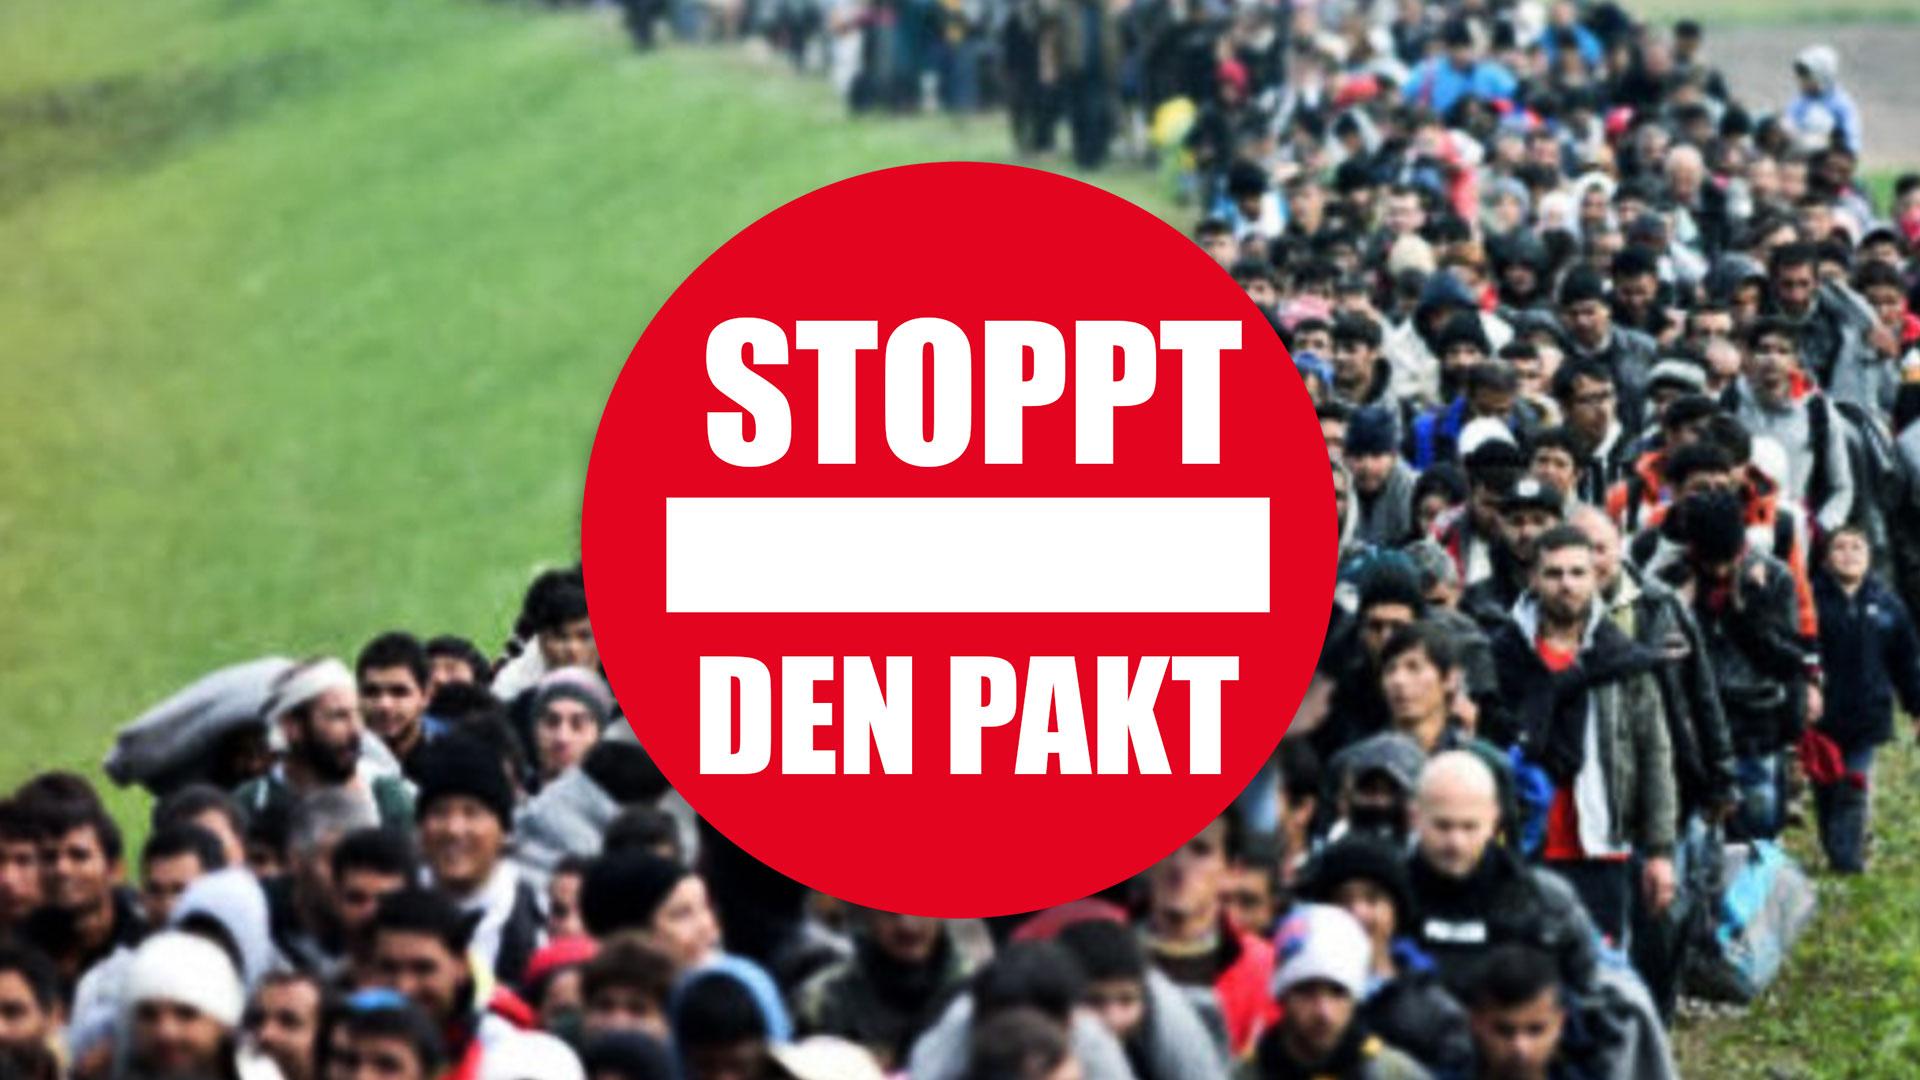 Bildergebnis für Bilder zu Stoppt den Pakt